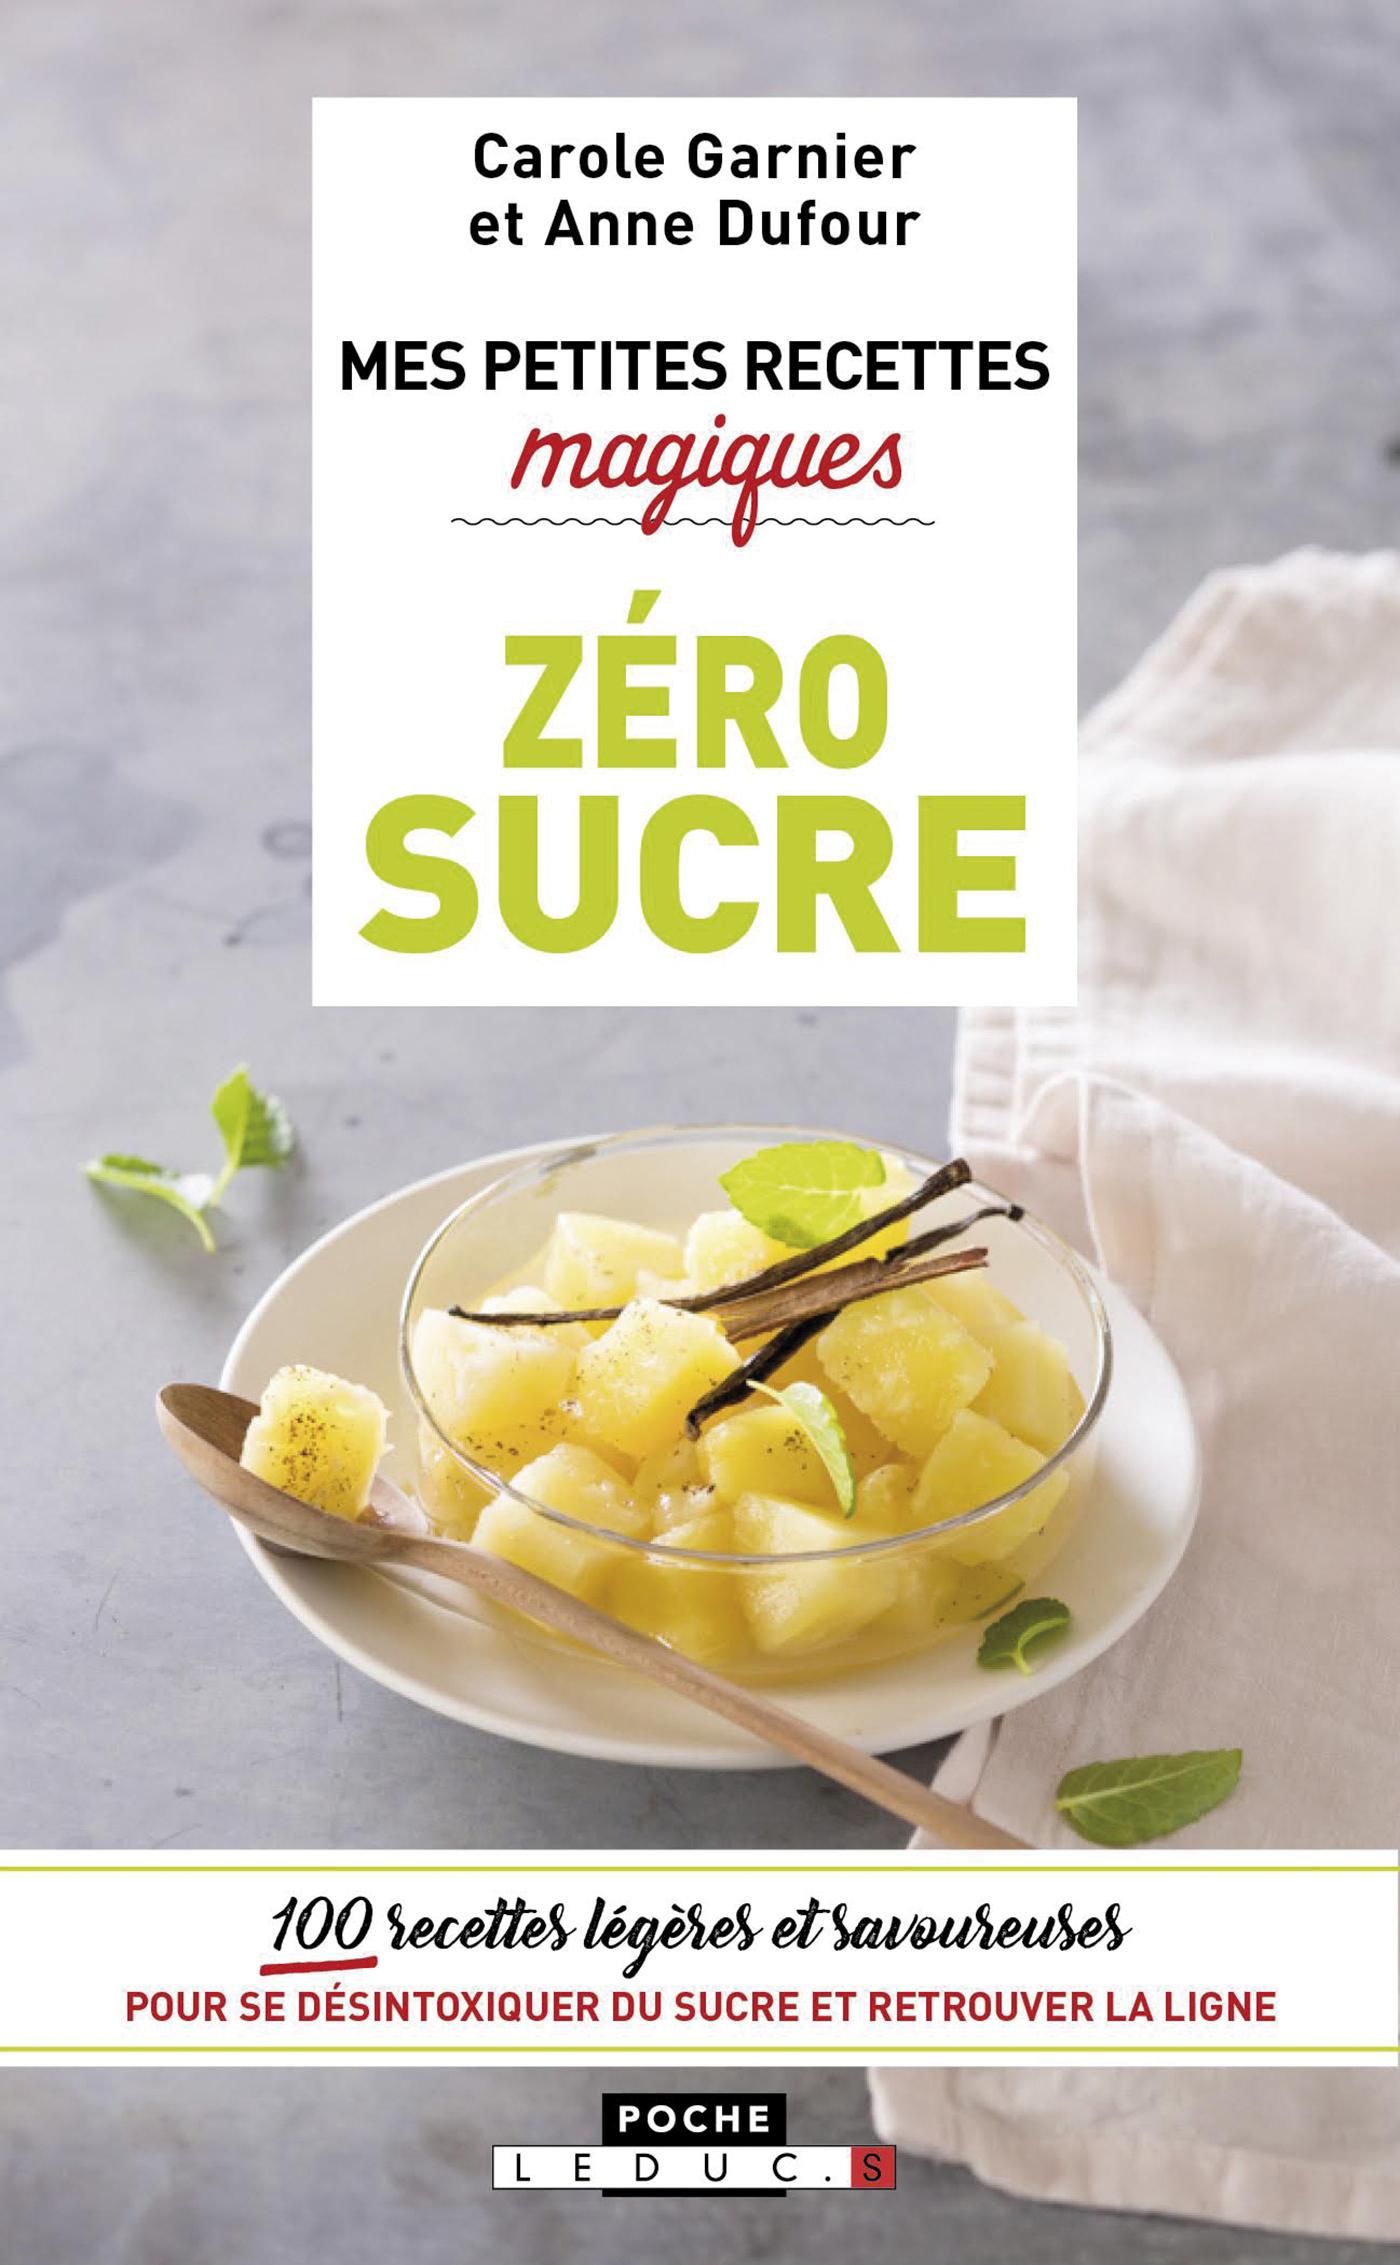 Mes petites recettes magiques zéro sucre - 100 recettes super-faciles pour  dire stop à son addiction au sucre ! - Carole Garnier, Anne Dufour (EAN13  ...